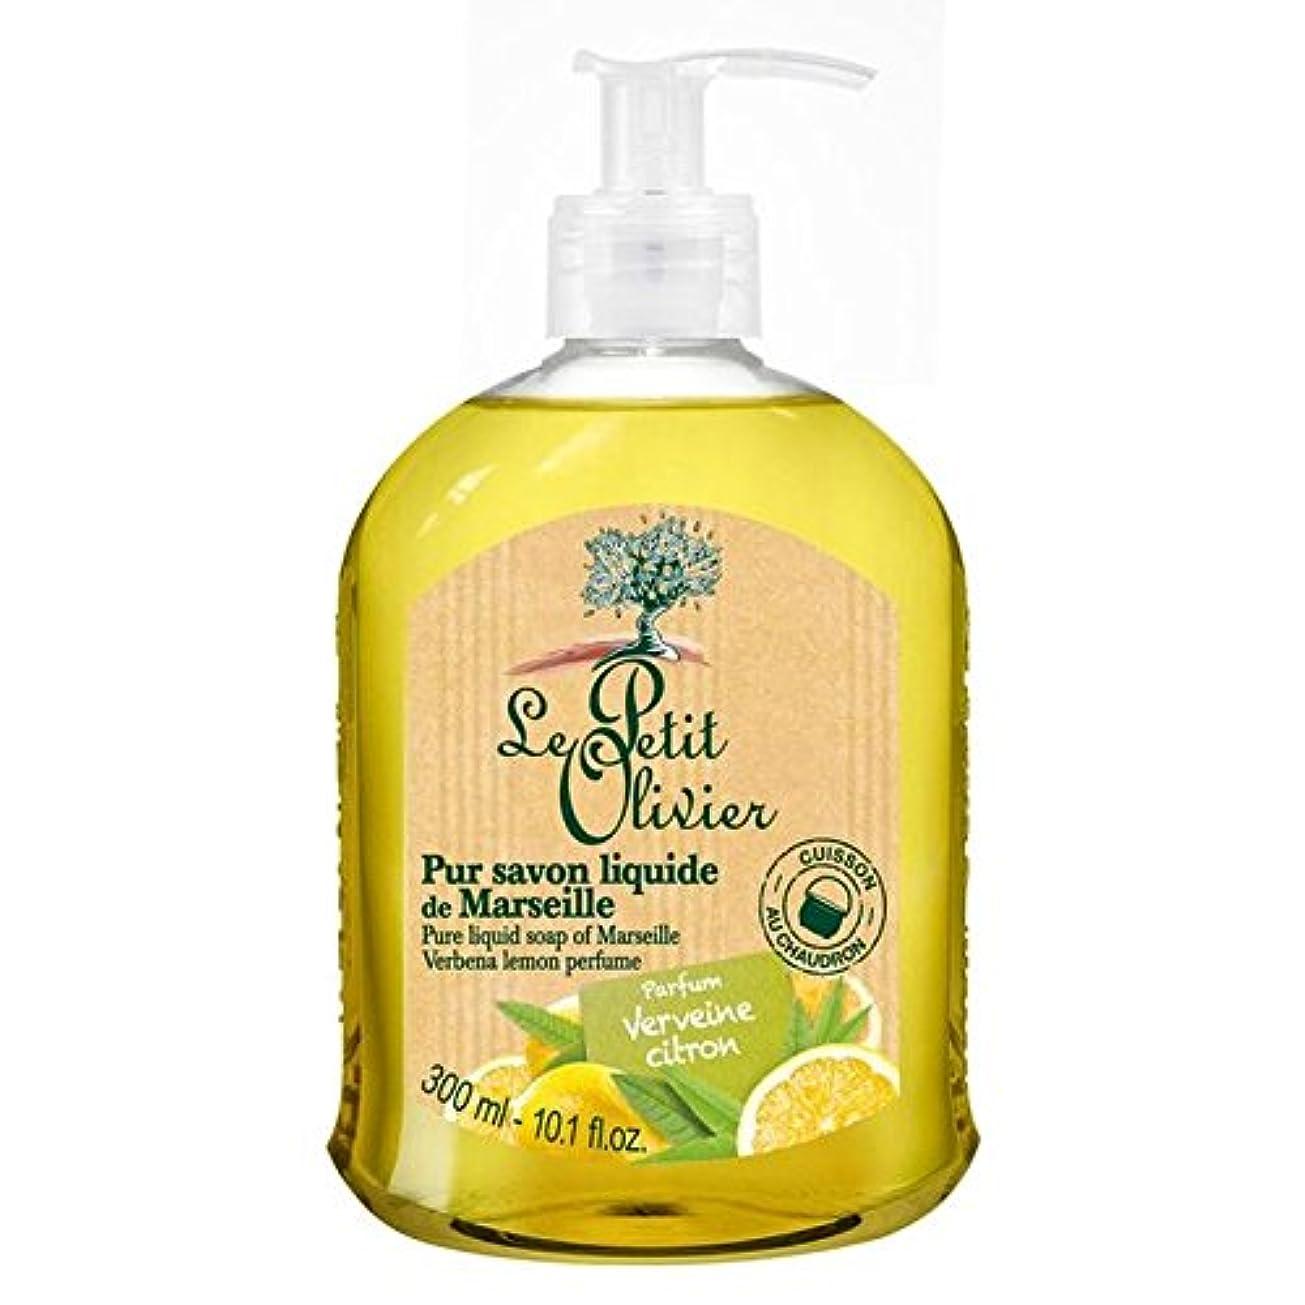 恩赦マンモスネストマルセイユのル?プティ?オリヴィエ純粋な液体石鹸、バーベナレモン300ミリリットル x4 - Le Petit Olivier Pure Liquid Soap of Marseille, Verbena Lemon 300ml (Pack of 4) [並行輸入品]